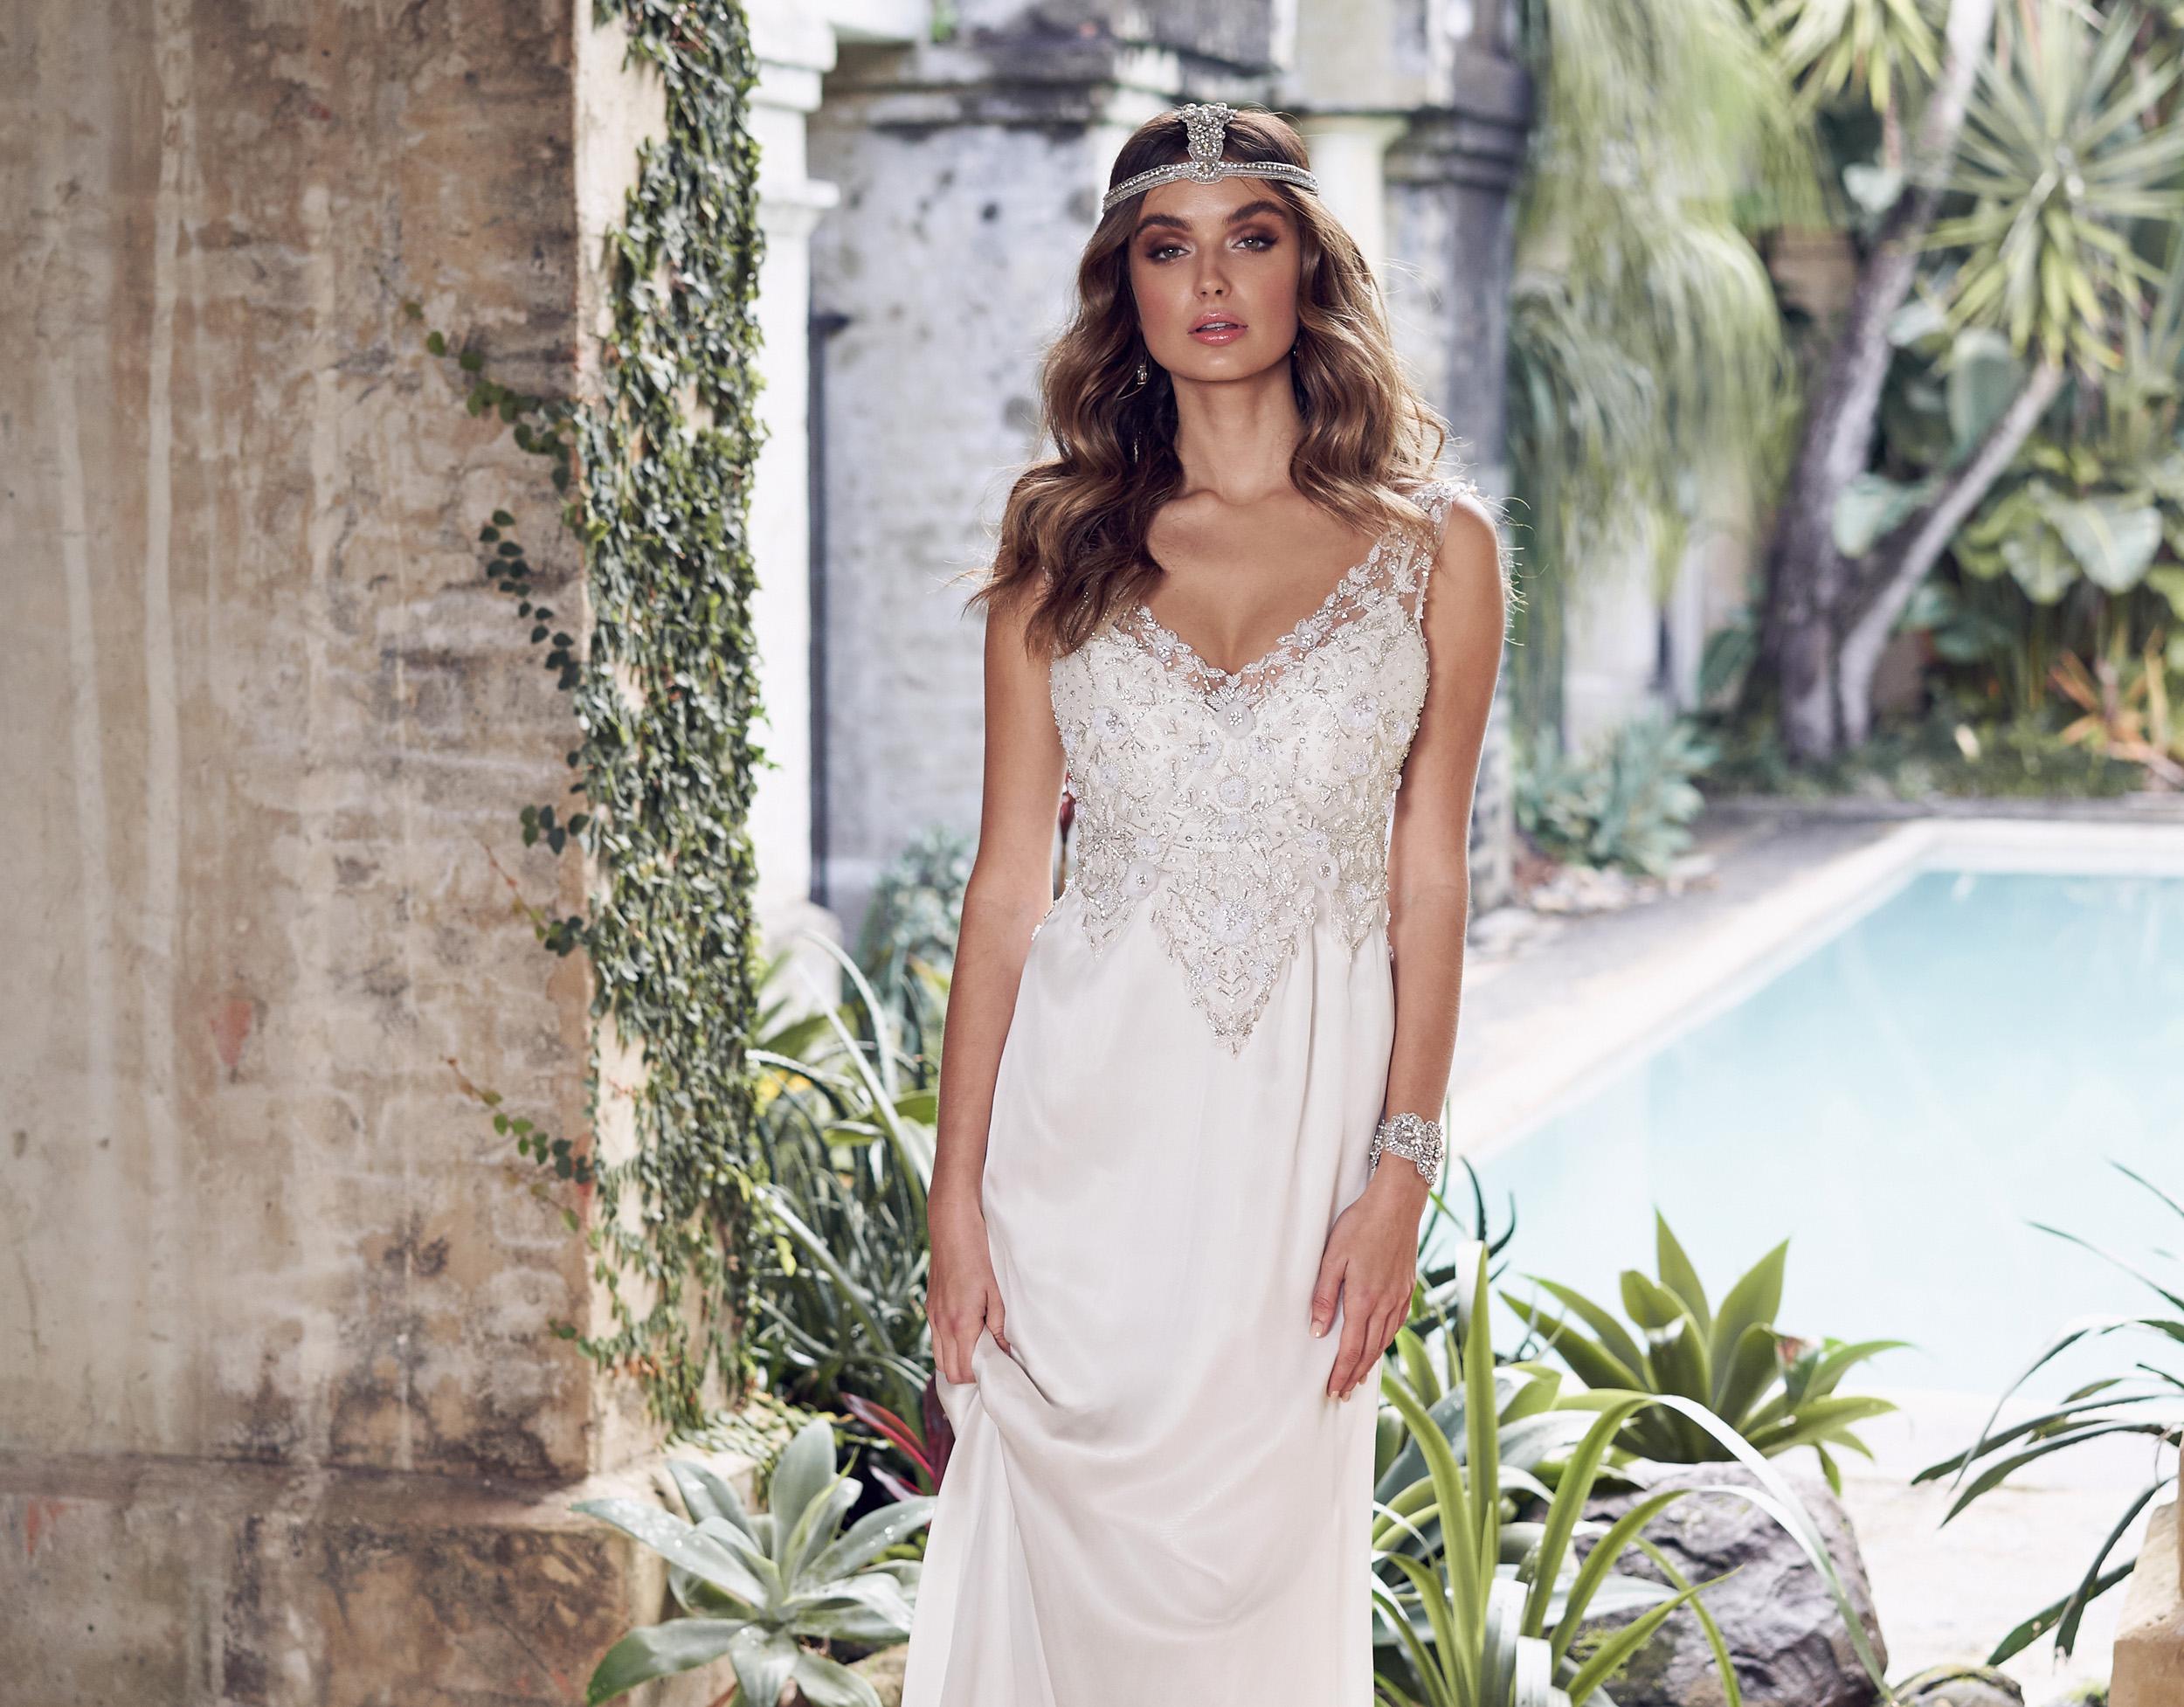 Paige_Dress_wanderlust_anna_campbell_wedding_Dress_inspire_Weddings.jpg